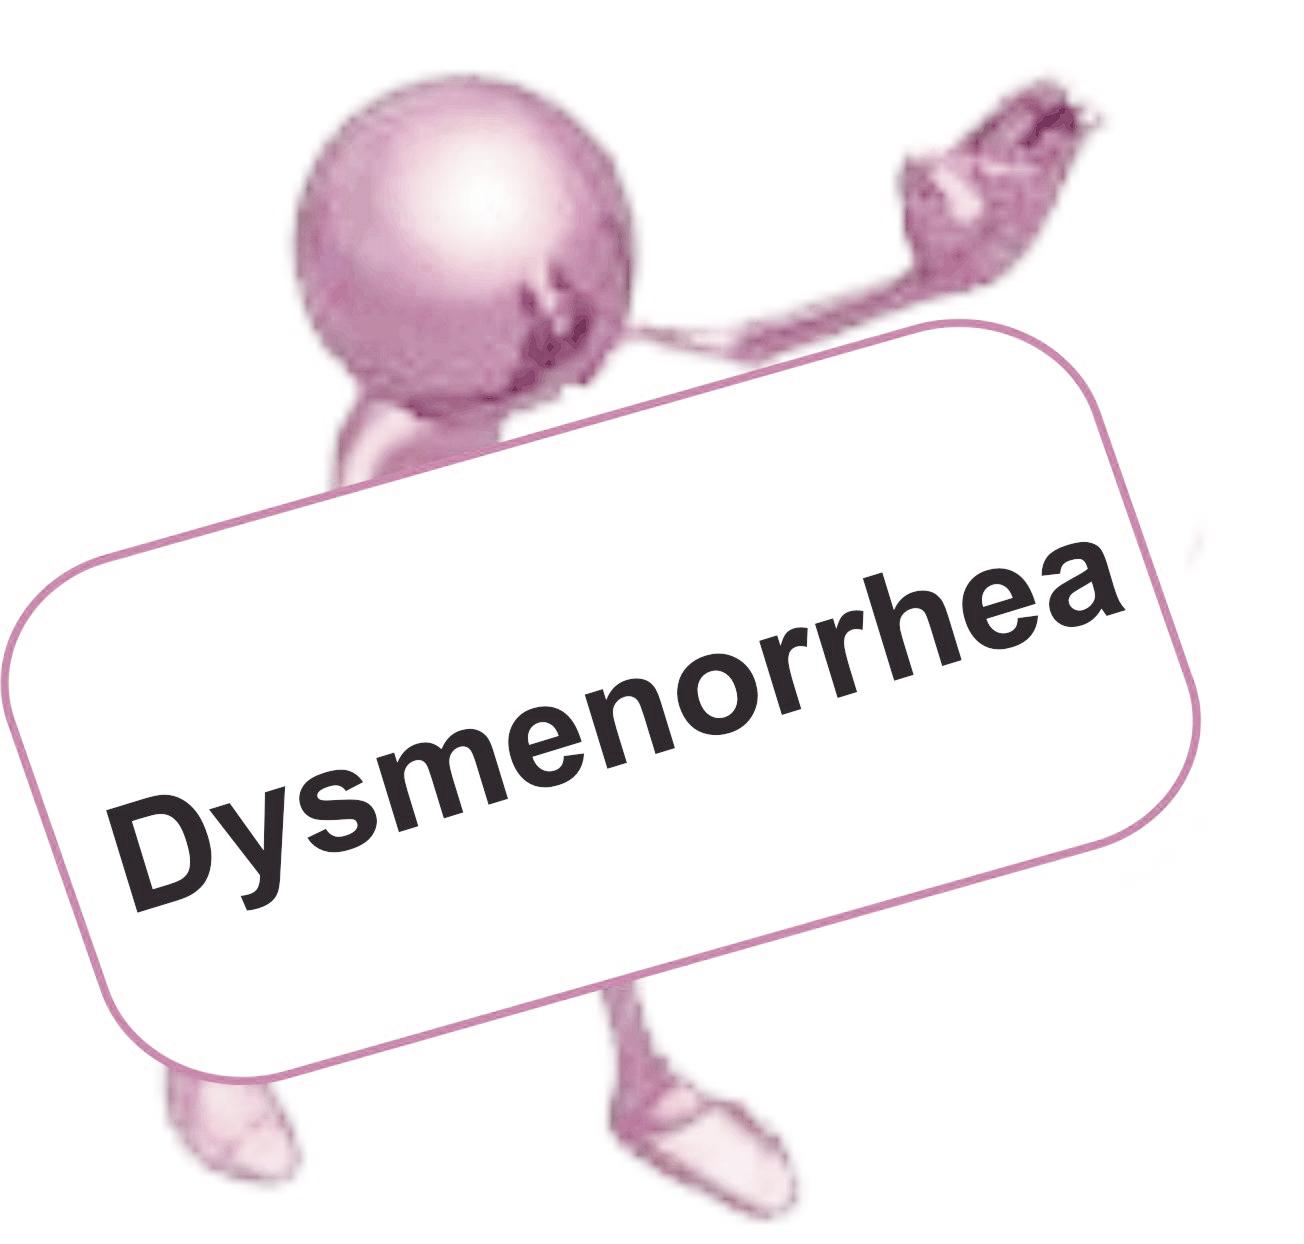 Дисменорея первичная и вторичная - лечение, симптомы, причины